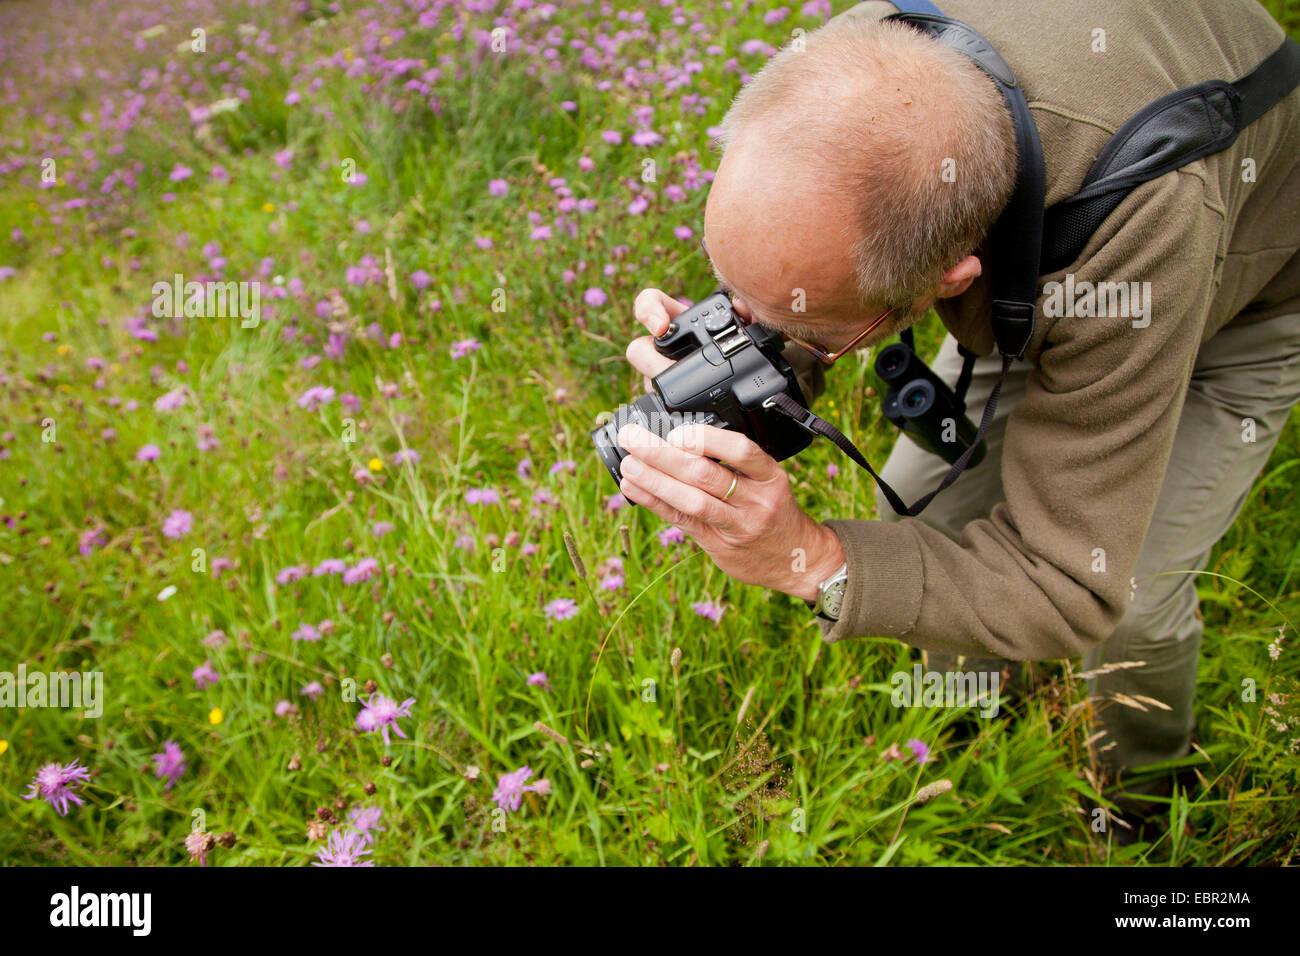 Mann die Fotos von Flockenblumen auf einer Wiese, Deutschland, Rheinland-Pfalz Stockbild